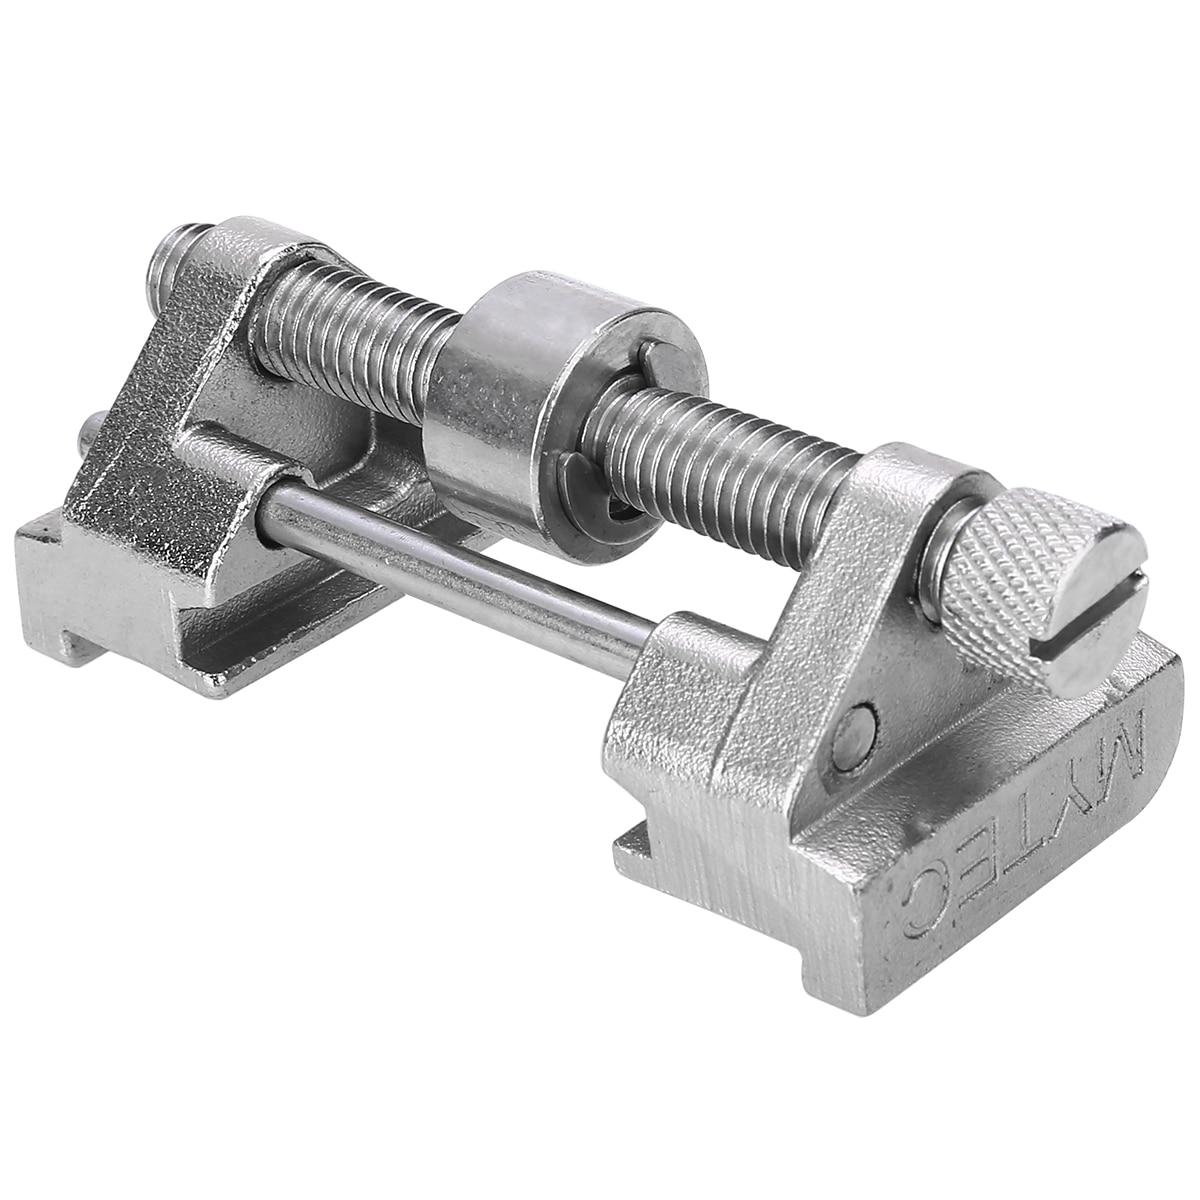 Nuevo 5-82mm ajustable de sujeción lateral ángulo fijo guía de rectificado Manual de molienda cincel Planer hoja afilador herramienta Accesorios